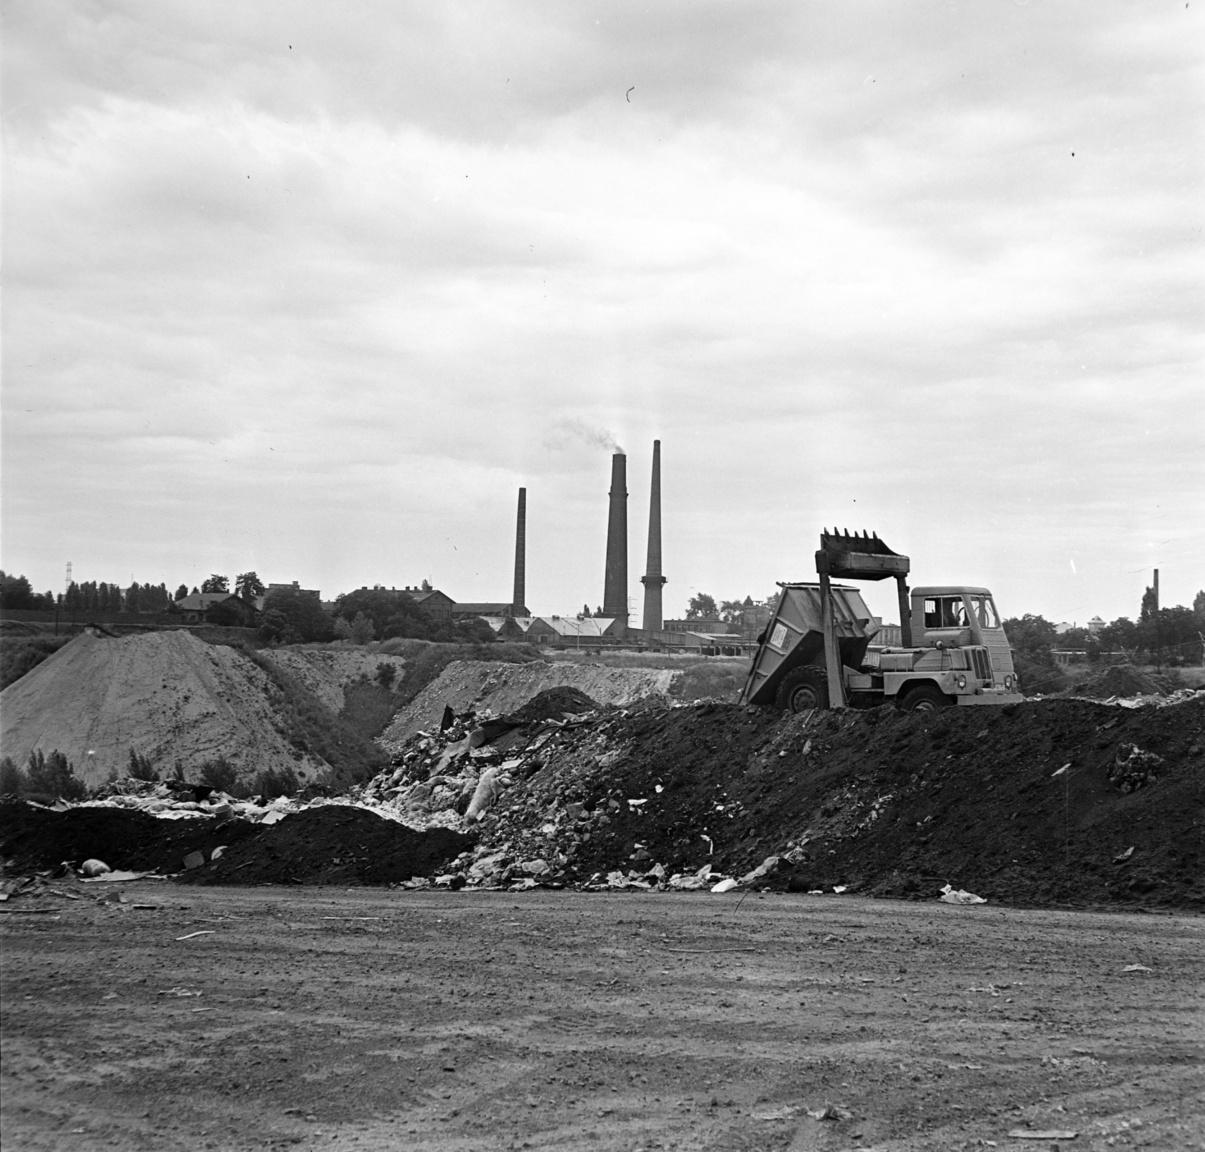 Dömper a szeméttelepen. Budapest egyik legnagyobb szemétlerakóhelye a hetvenes években Óbuda határában volt. Jól őrizték, táblák hívták fel a figyelmet arra, hogy a szemétbányába belépni és guberálni tilos. A beérkező teherautóknak jegyük volt, térmester írta alá a menetleveleket, pecsételte le az okmányokat. Bálint Nándor, az óbudai bánya térmestere arról mesélt egy korabeli újságcikkben, hogy a szemétszállító munkások a tilalmak ellenére külön zsákba szedték az értékesíthető hulladékot. A kukákból például napi 500—600 kiló kenyér összejött, amit a város szélén élő, disznókat tartó családok mind megvettek, kilóját két forintért. A bányák környékét ügynökök és maszek kisiparosok járták, hogy felvásárolják a kincset érő műanyagot, ledarálják, újraöntsék és meggazdagodjanak belőle. Volt példa arra hogy teherautónyi, jó állapotban levő hangszórót vittek a szemétdombra; de került a bányákba sok tucat rozsdás, leselejtezett gyermekkerékpár gyári csomagolásban. Ezeknek aztán valahogy mindig gazdájuk akadt.